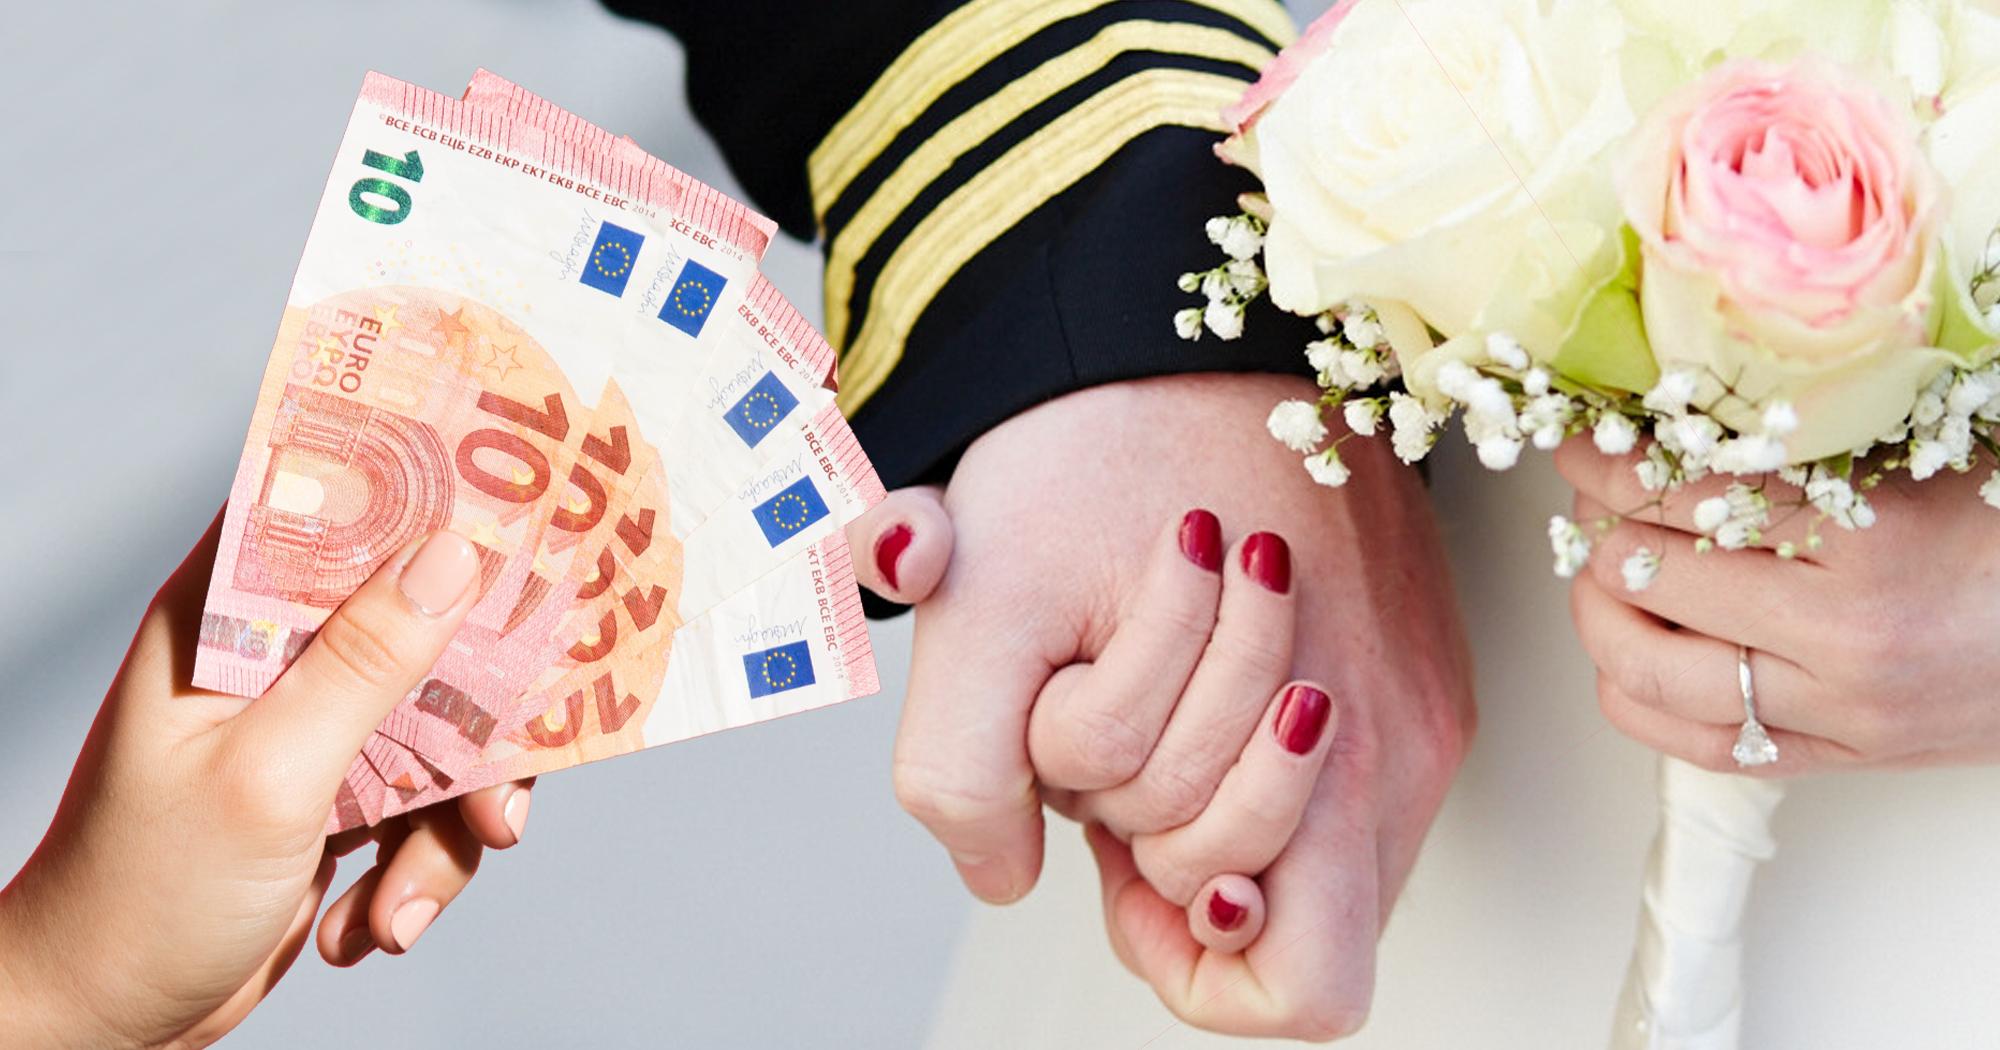 Hochzeit-Geschenk: Wie viel Geld sollte man schenken